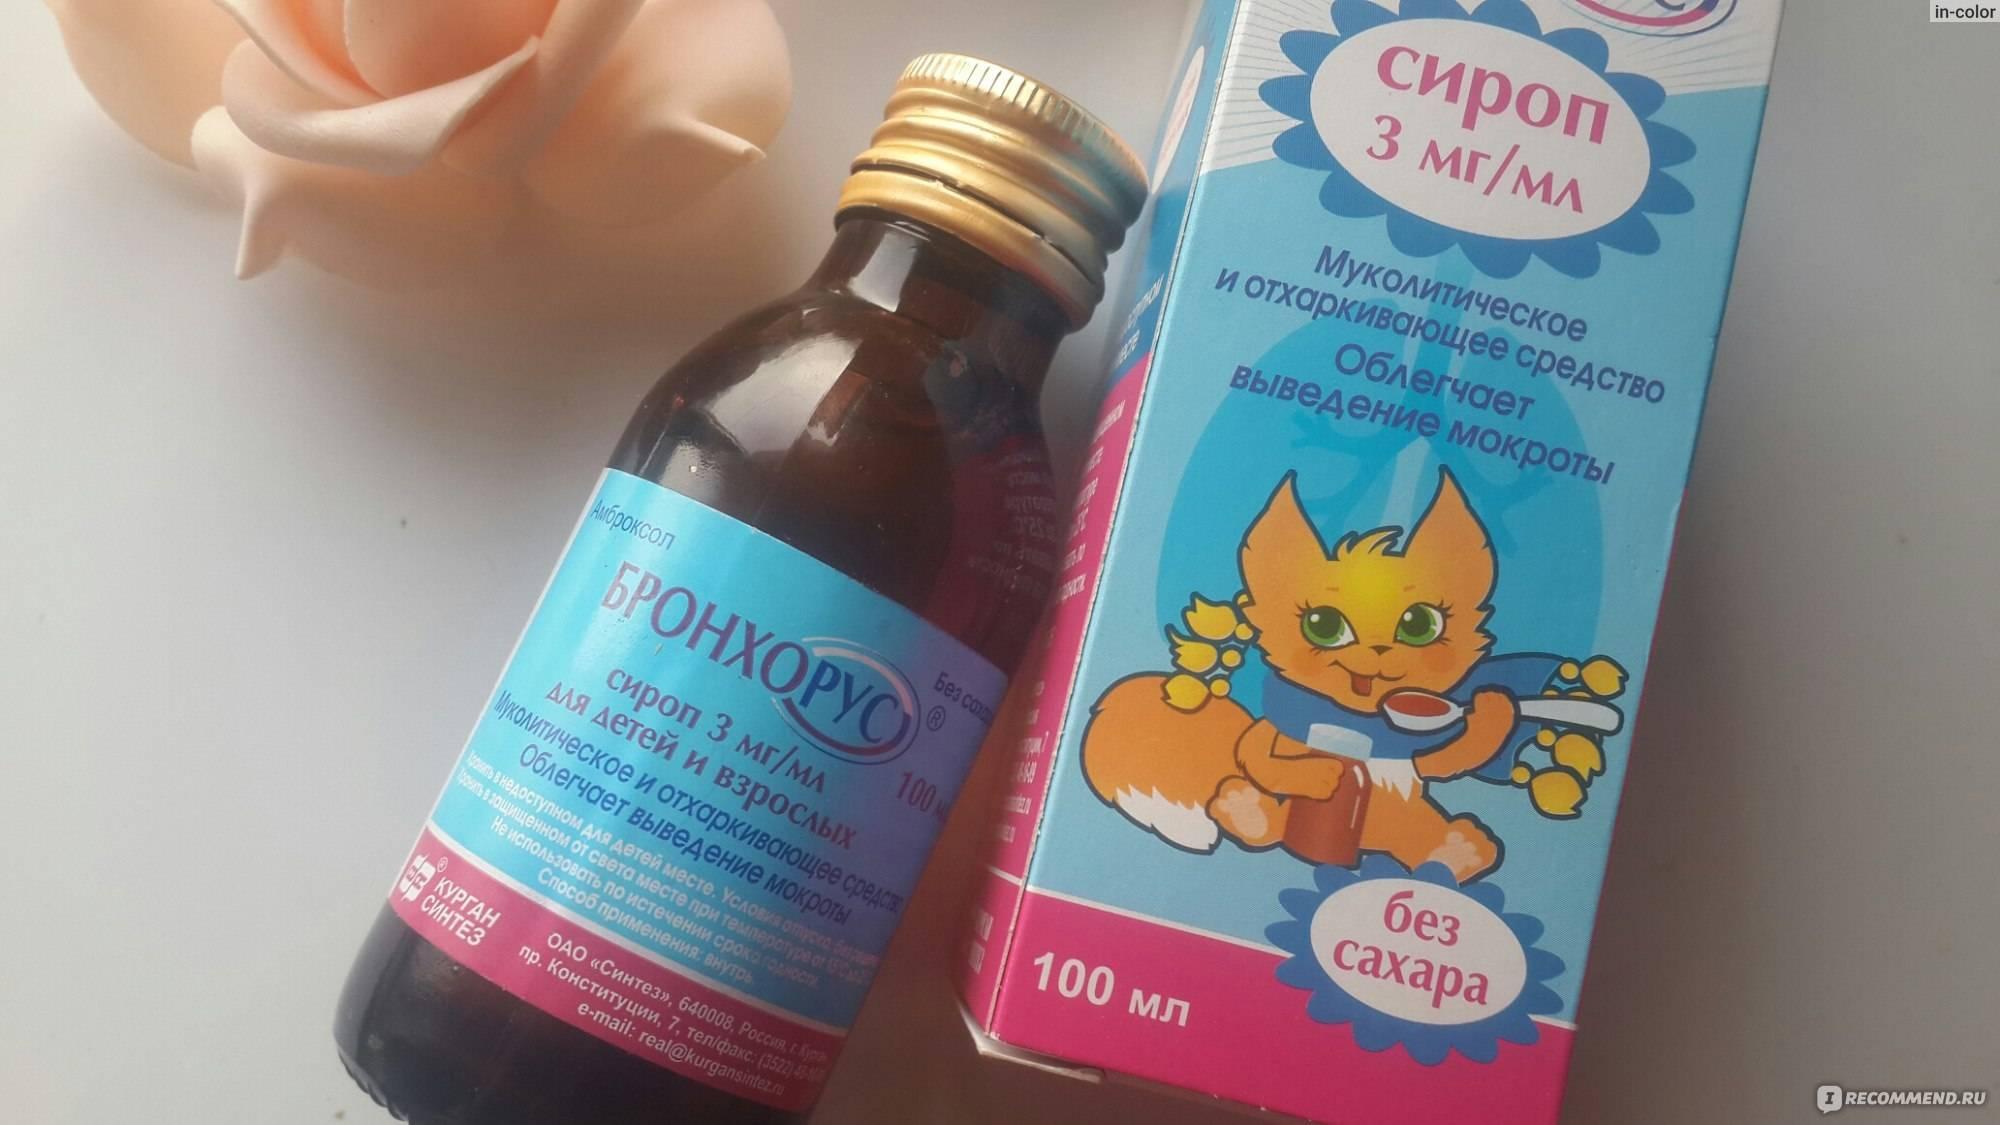 Какие сиропы против кашля рекомендовано давать детям с рождения и до года